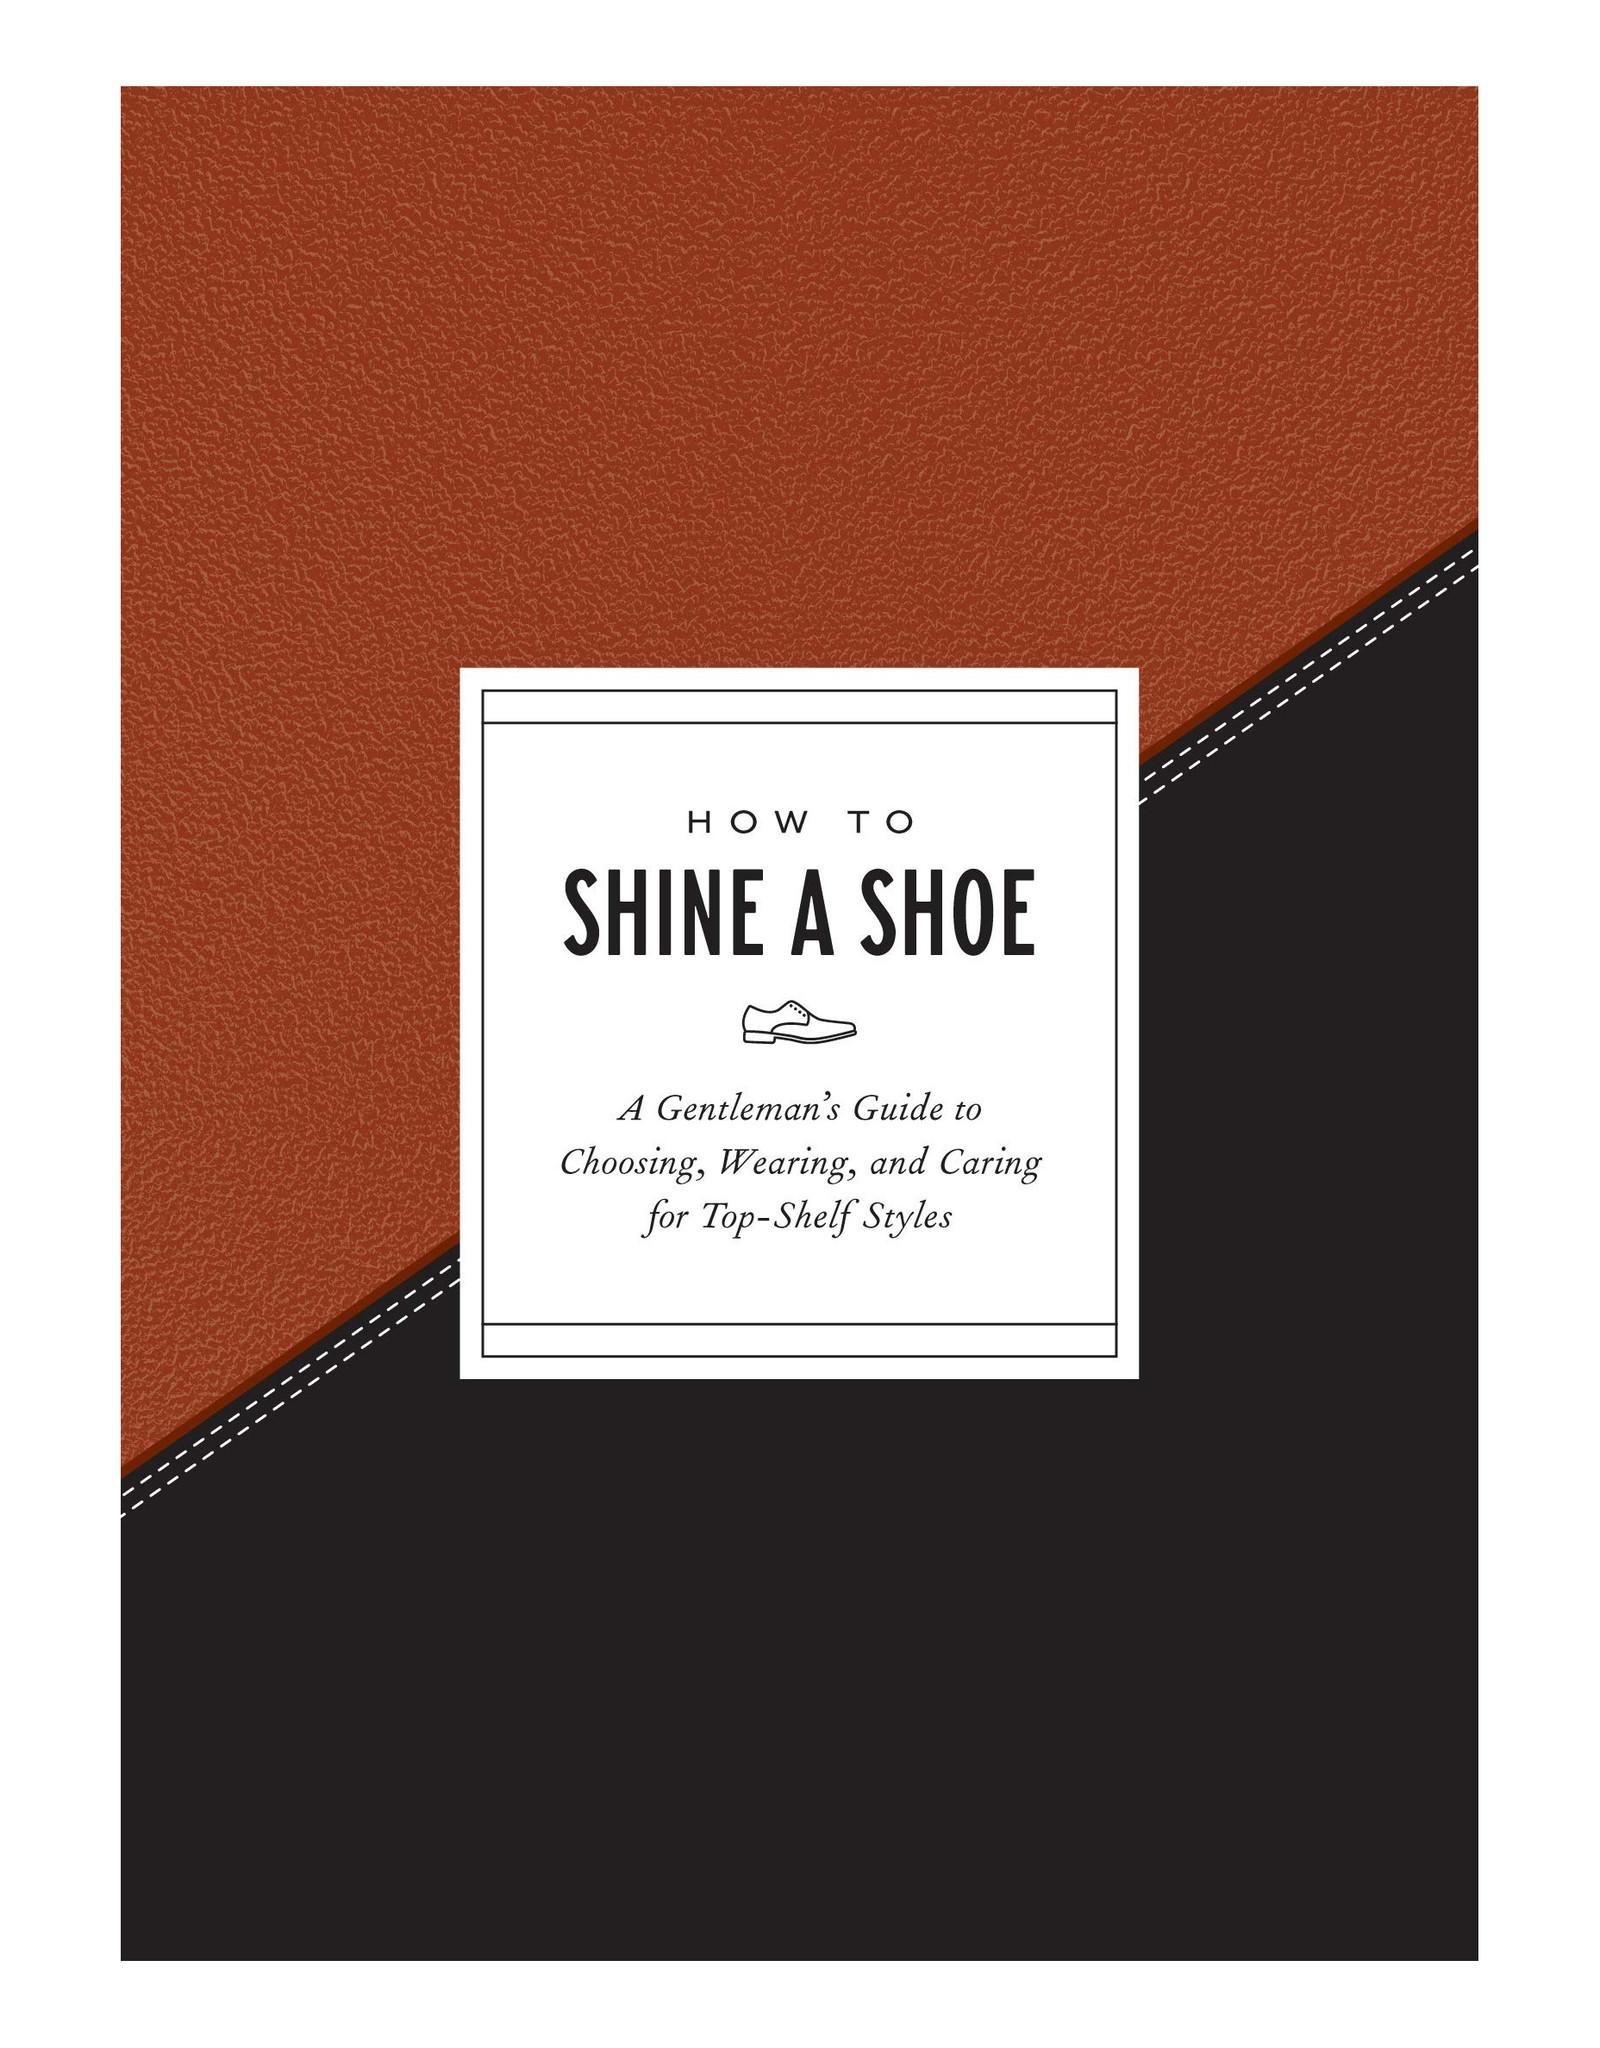 How to Shine a Shoe